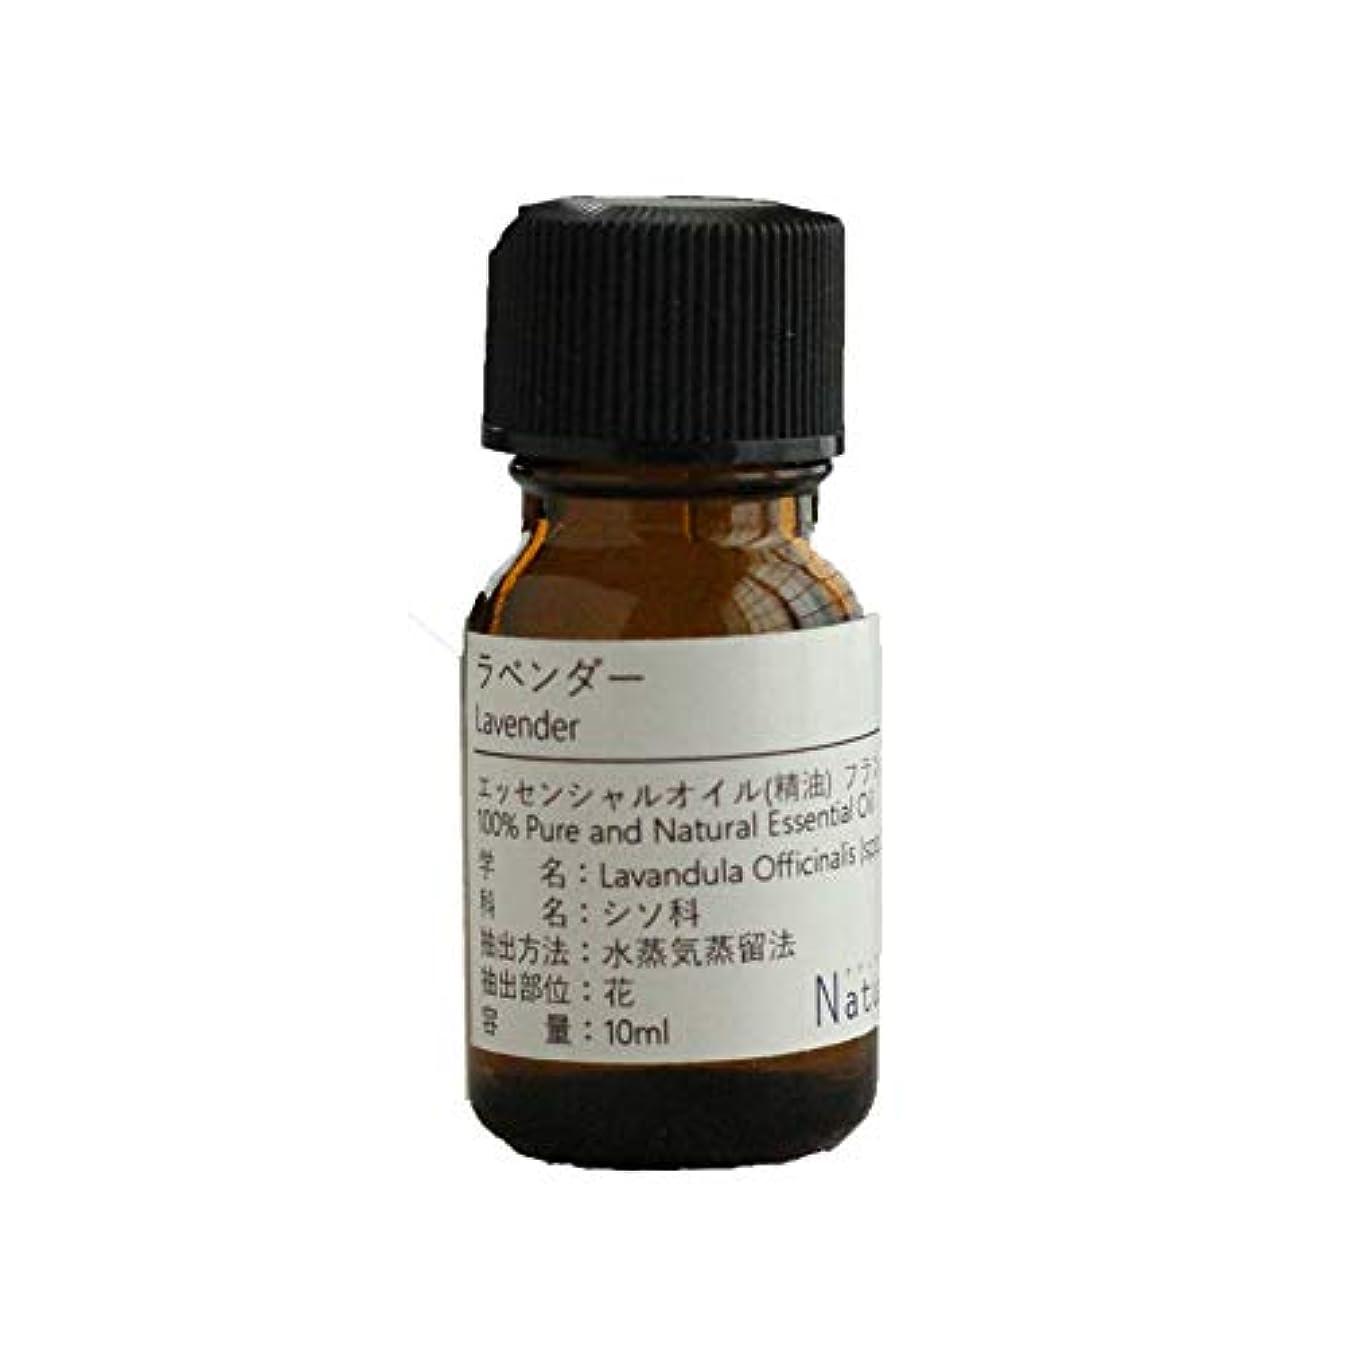 取り除く気質騒々しいNatural蒼 ラベンダー/エッセンシャルオイル 精油天然100% (10ml)